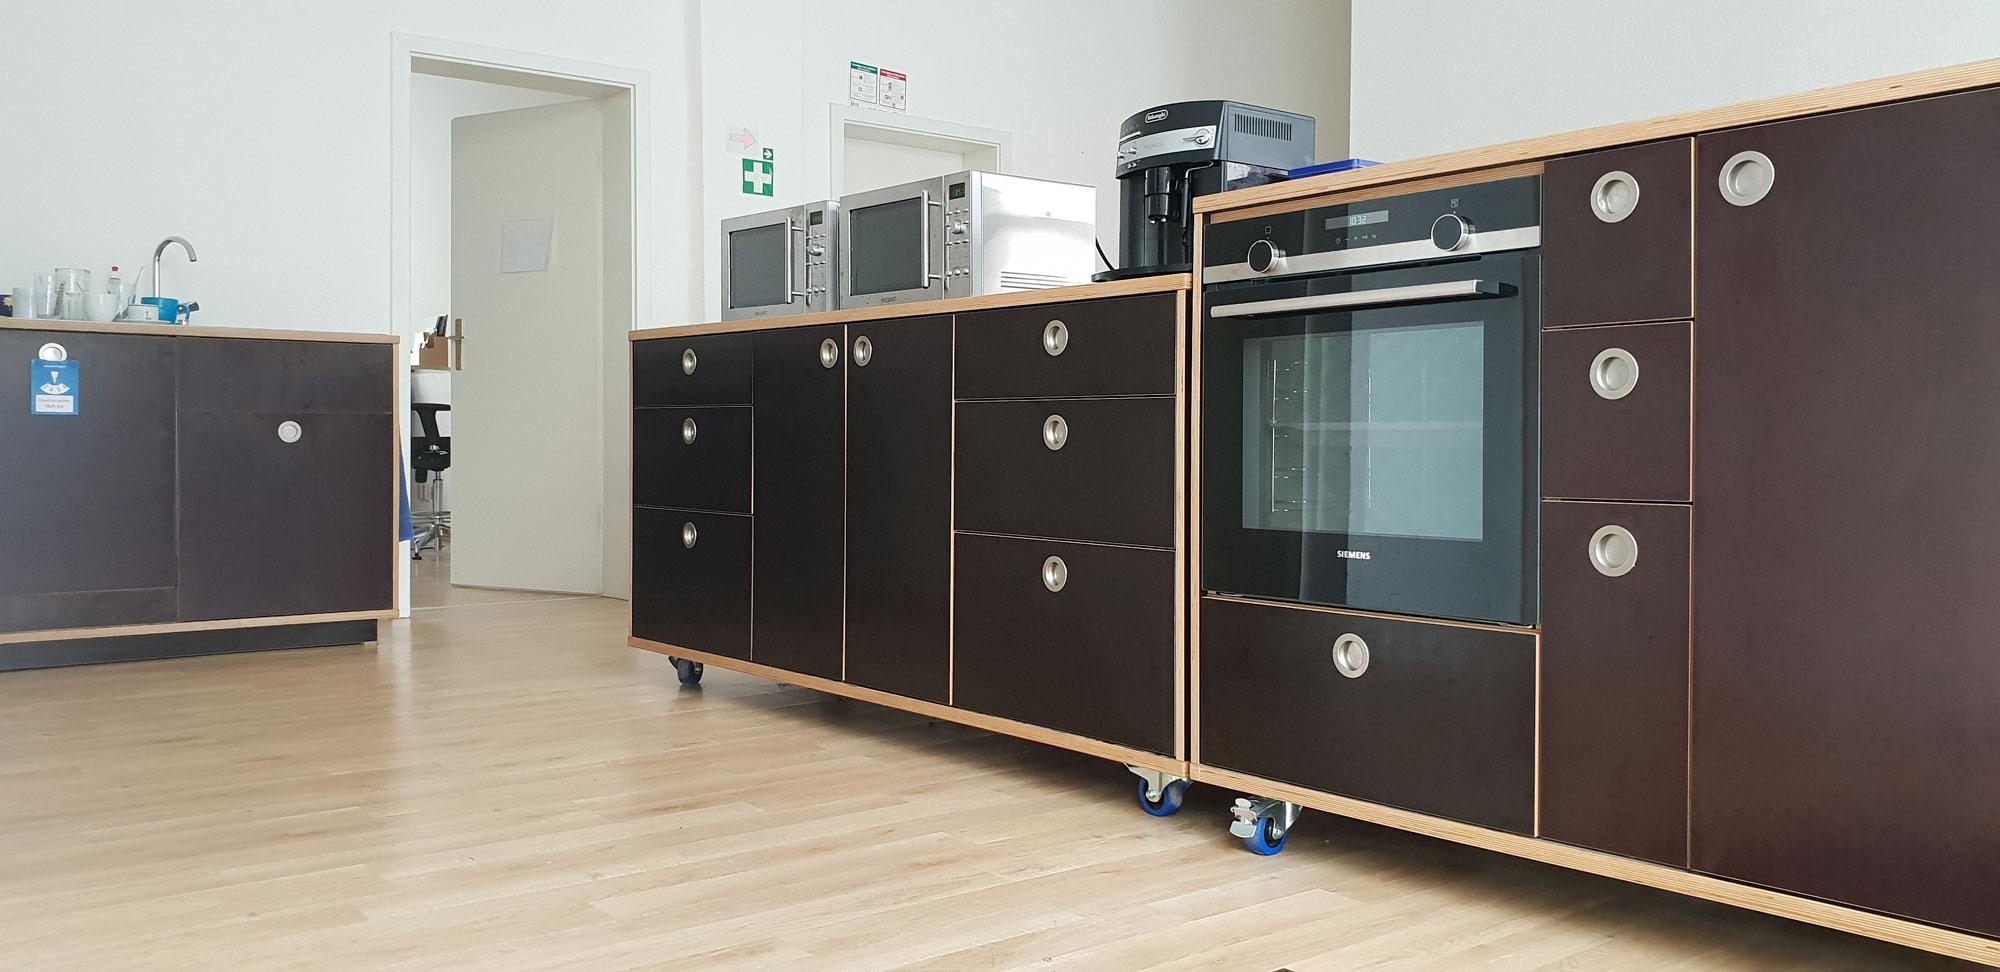 Full Size of Mobile Küche T5 Multivan Mobile Küche V Klasse Mobile Küche Selber Bauen Mobile Küche Projekt Küche Mobile Küche